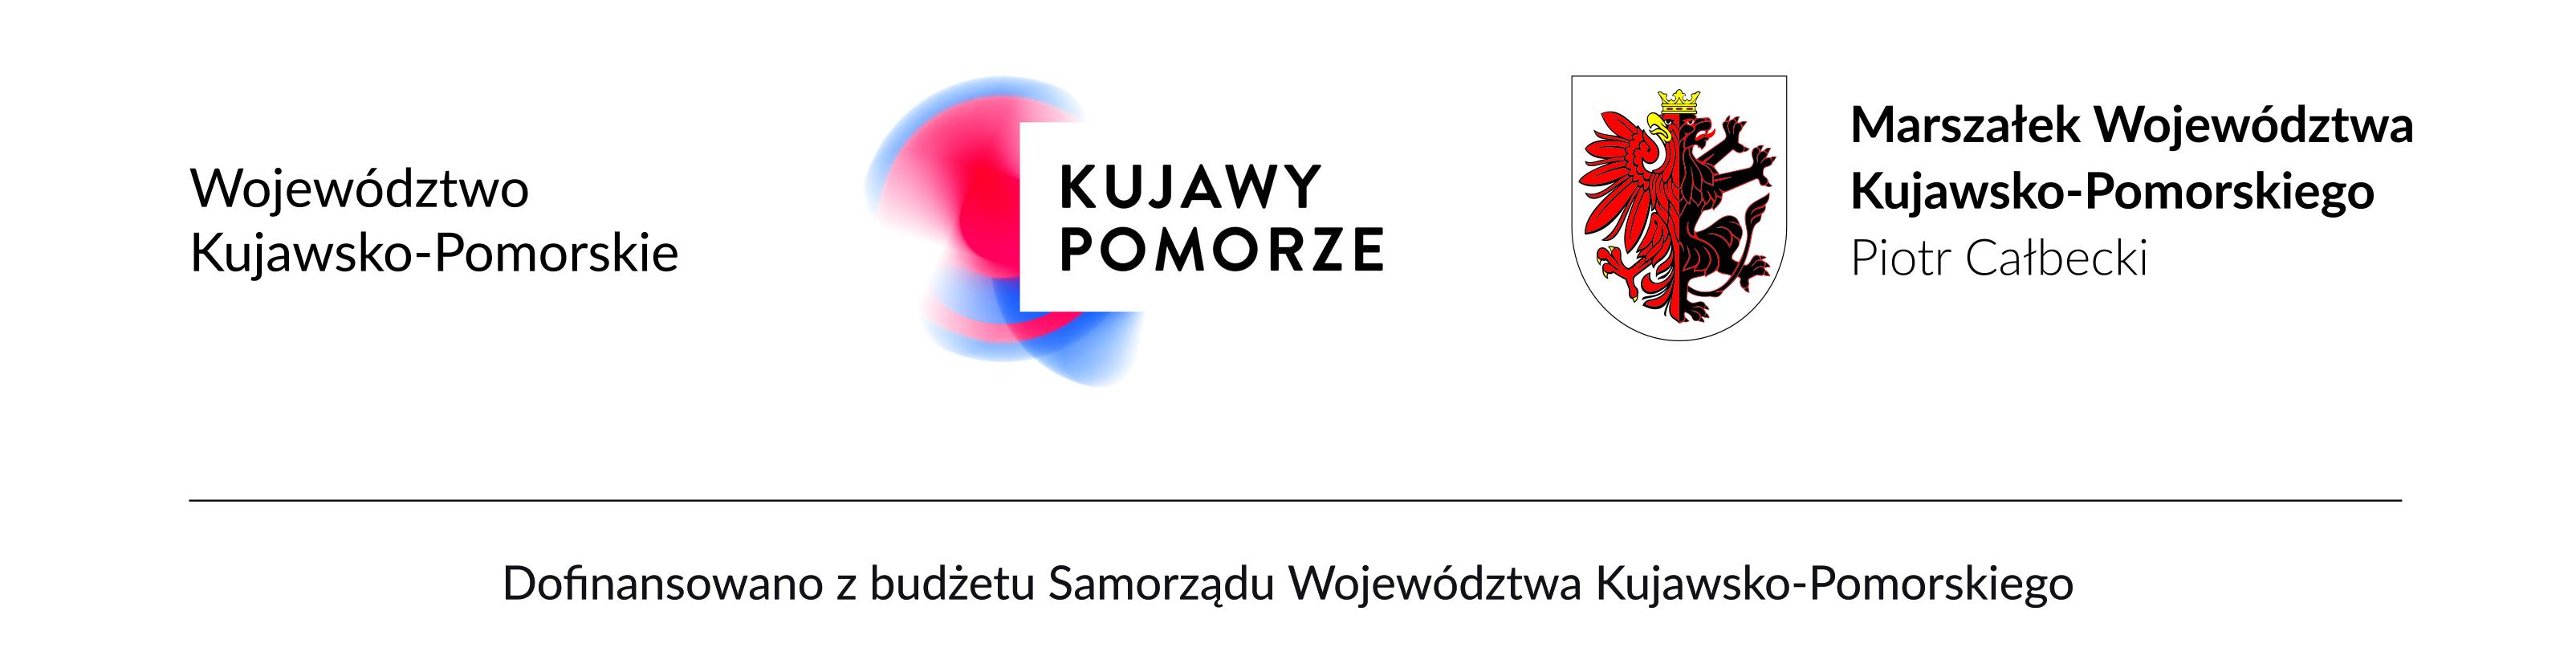 Marszałek Województwa Kujawsko-Pomorskiego - Piotr Całbecki.jpg